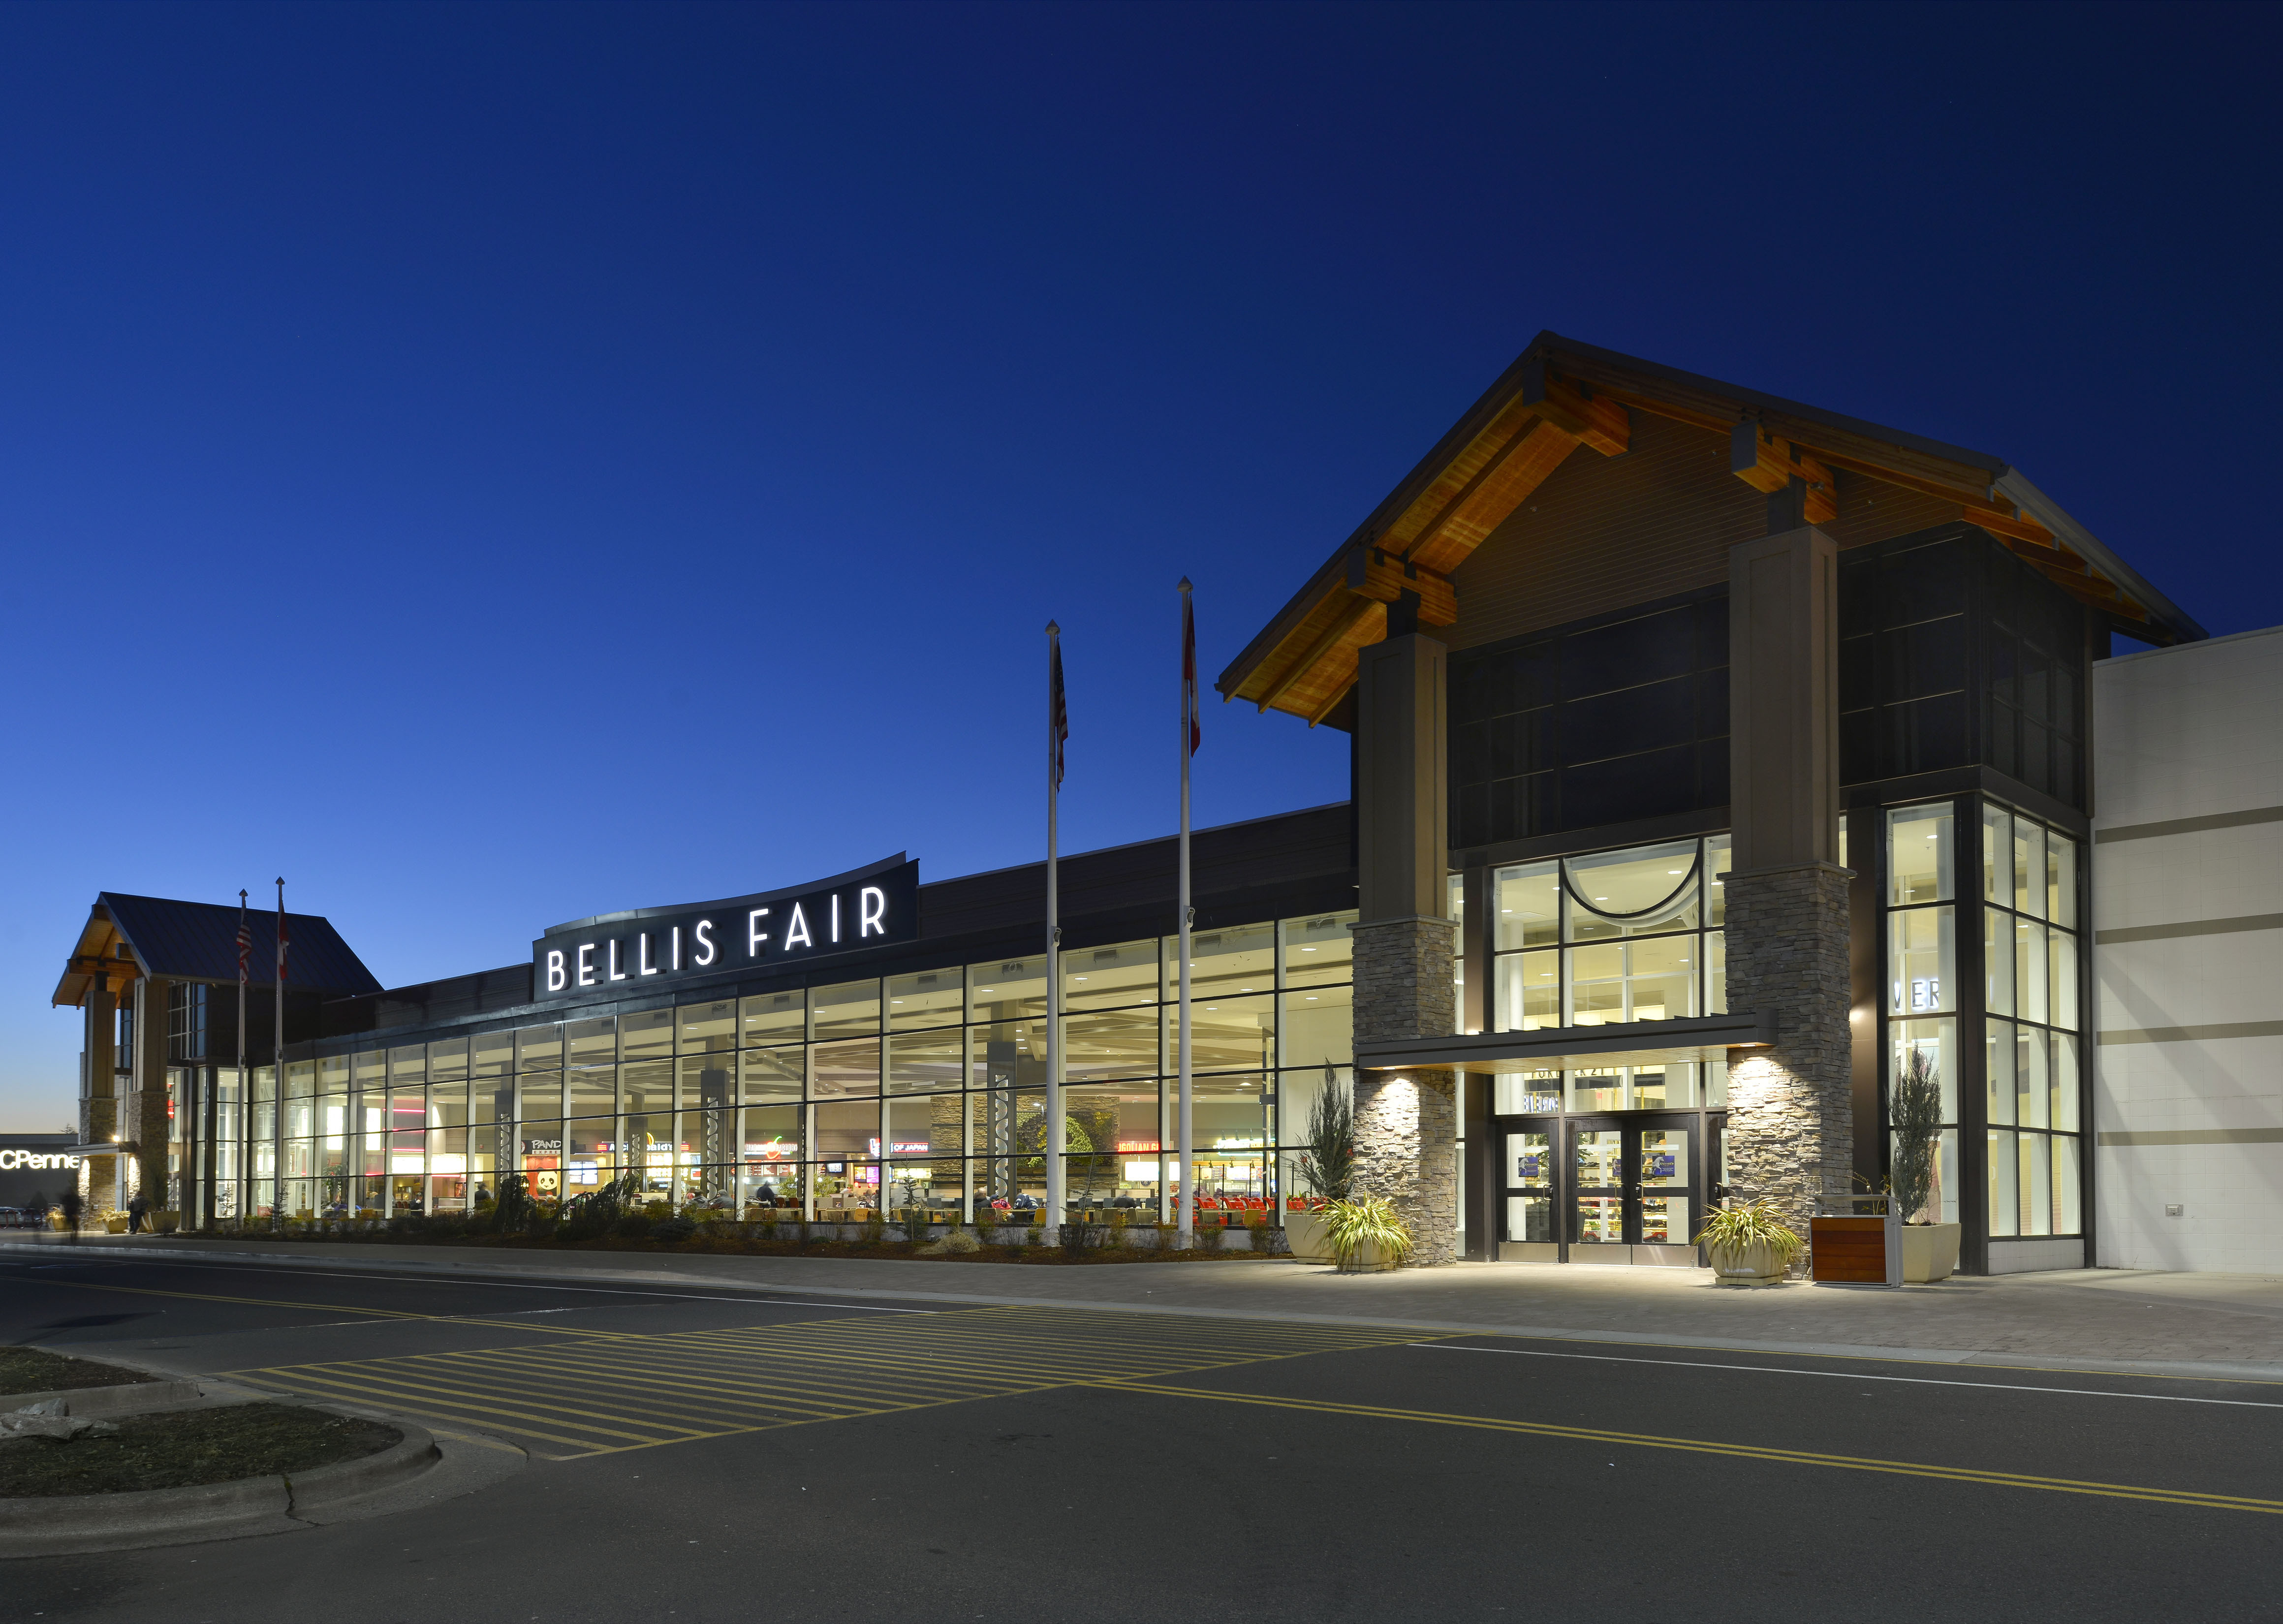 bellis fair mall